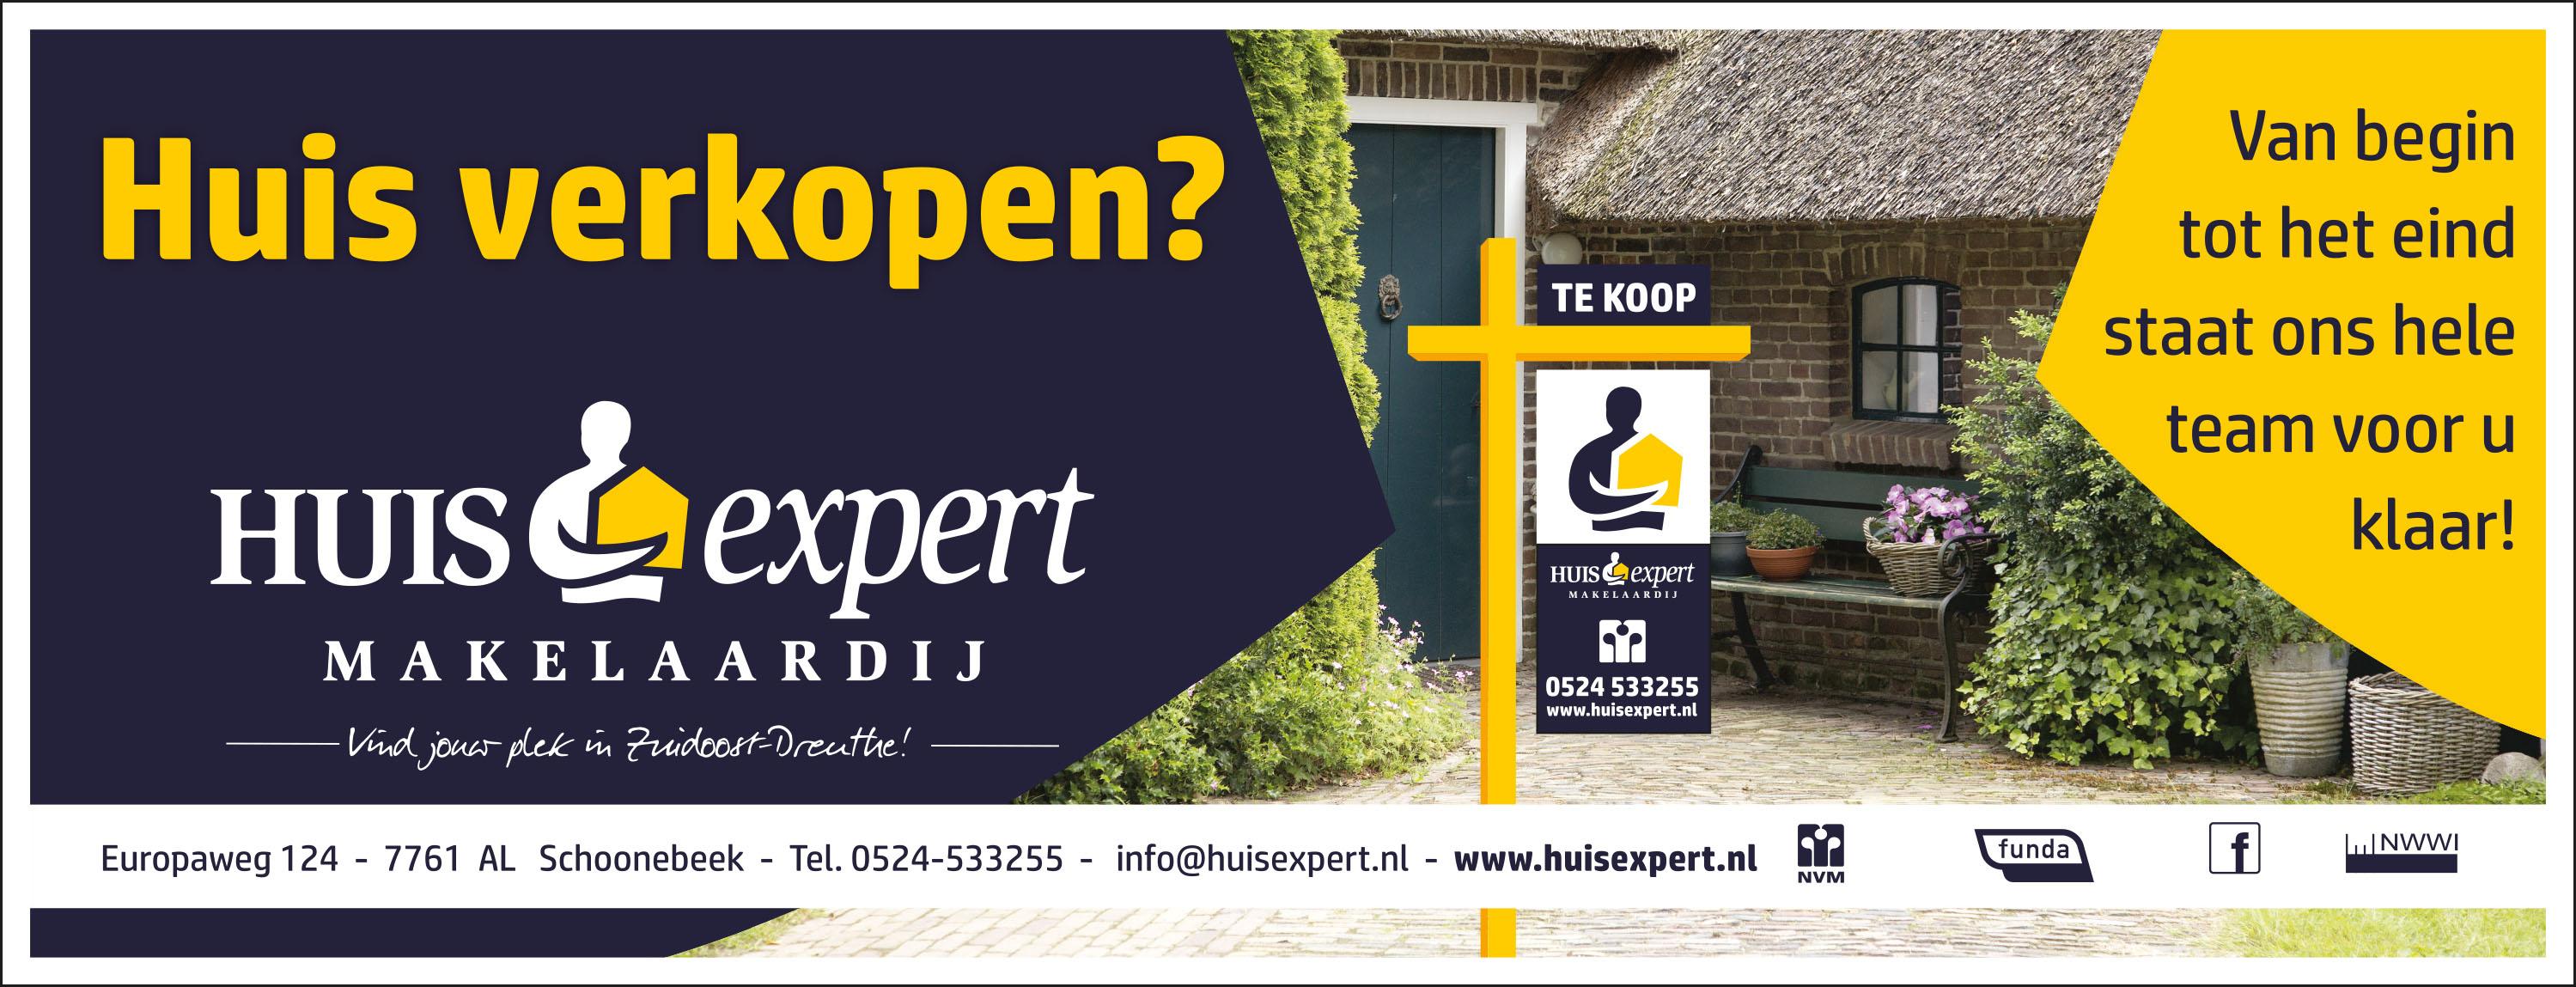 HE Huis verkopen 2019.cdr